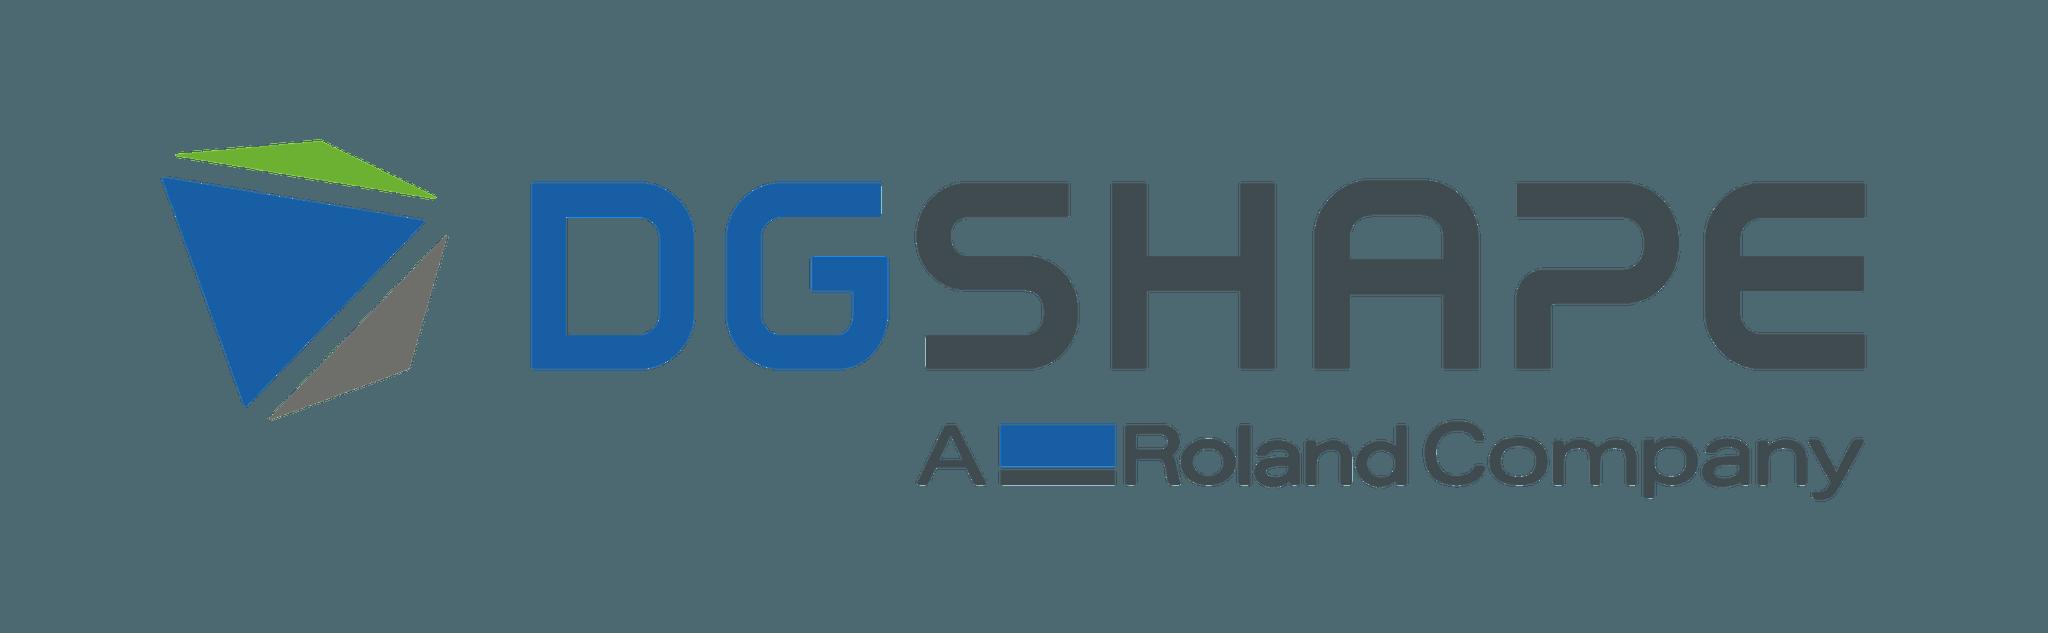 DGSHAPE, a Roland Company